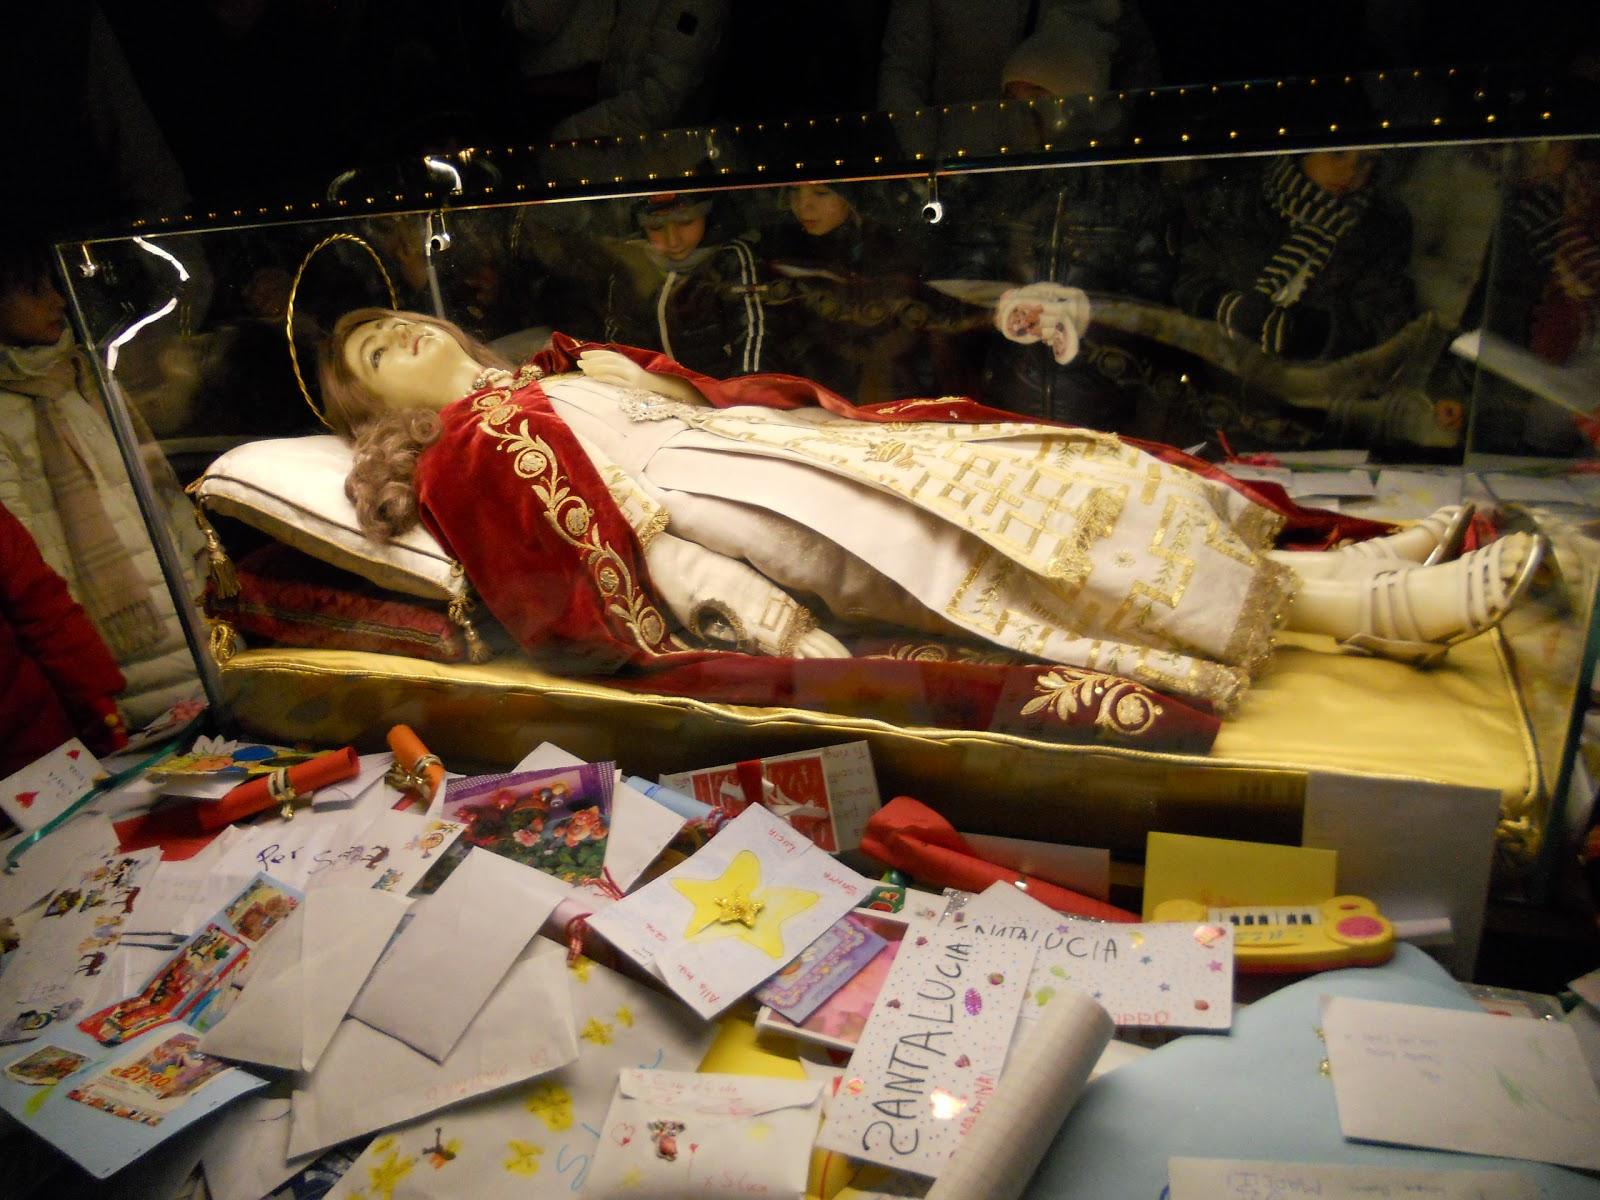 Ilclanmariapia tradizioni aspettando santa lucia - Rino gaetano nel letto di lucia ...